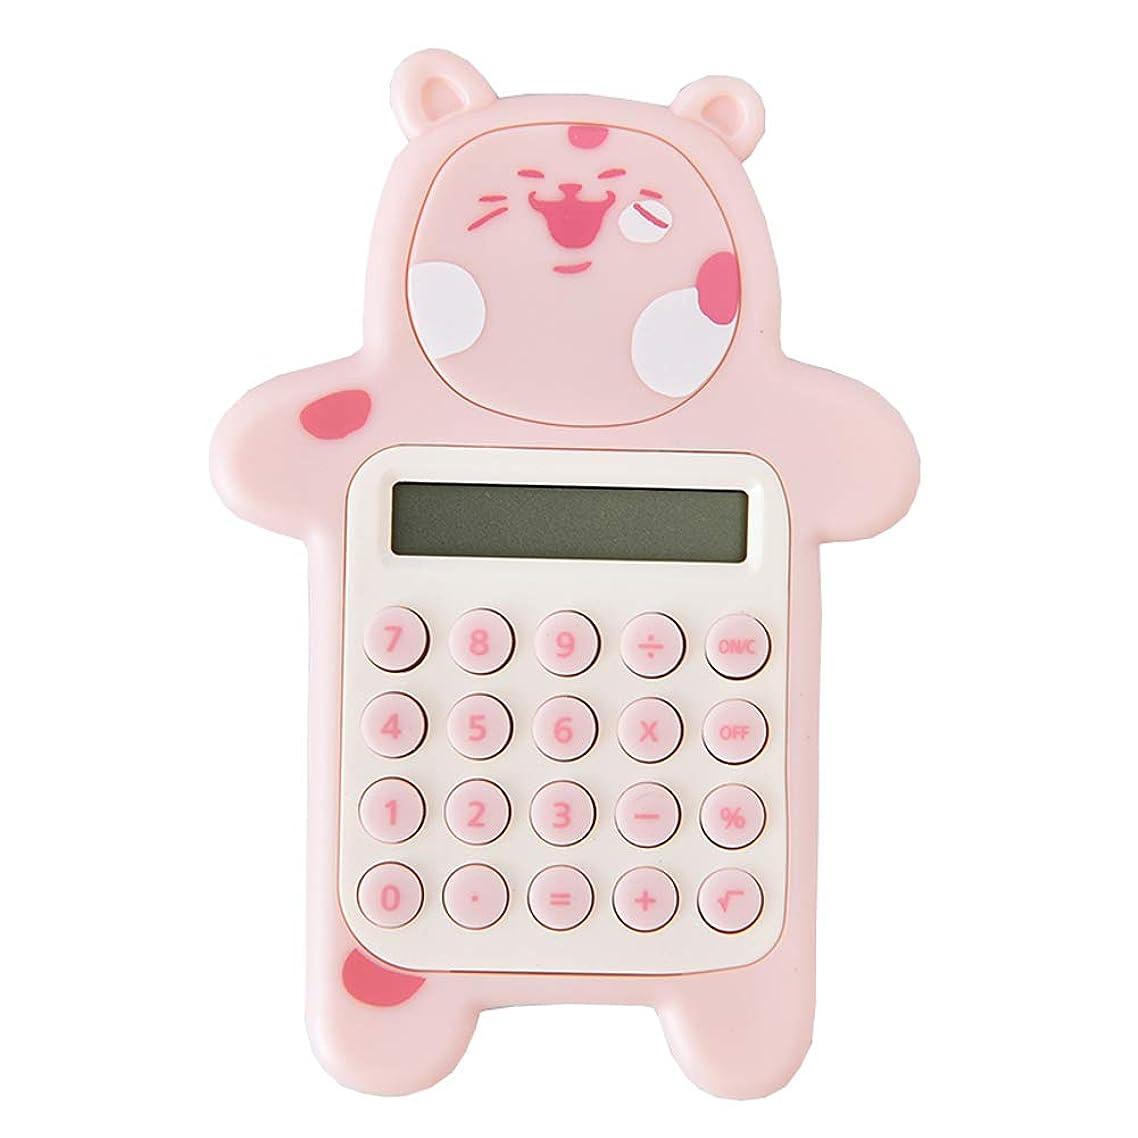 輝く委任する暫定かわいいクマの形クリエイティブミニ電卓学生電卓、ピンク